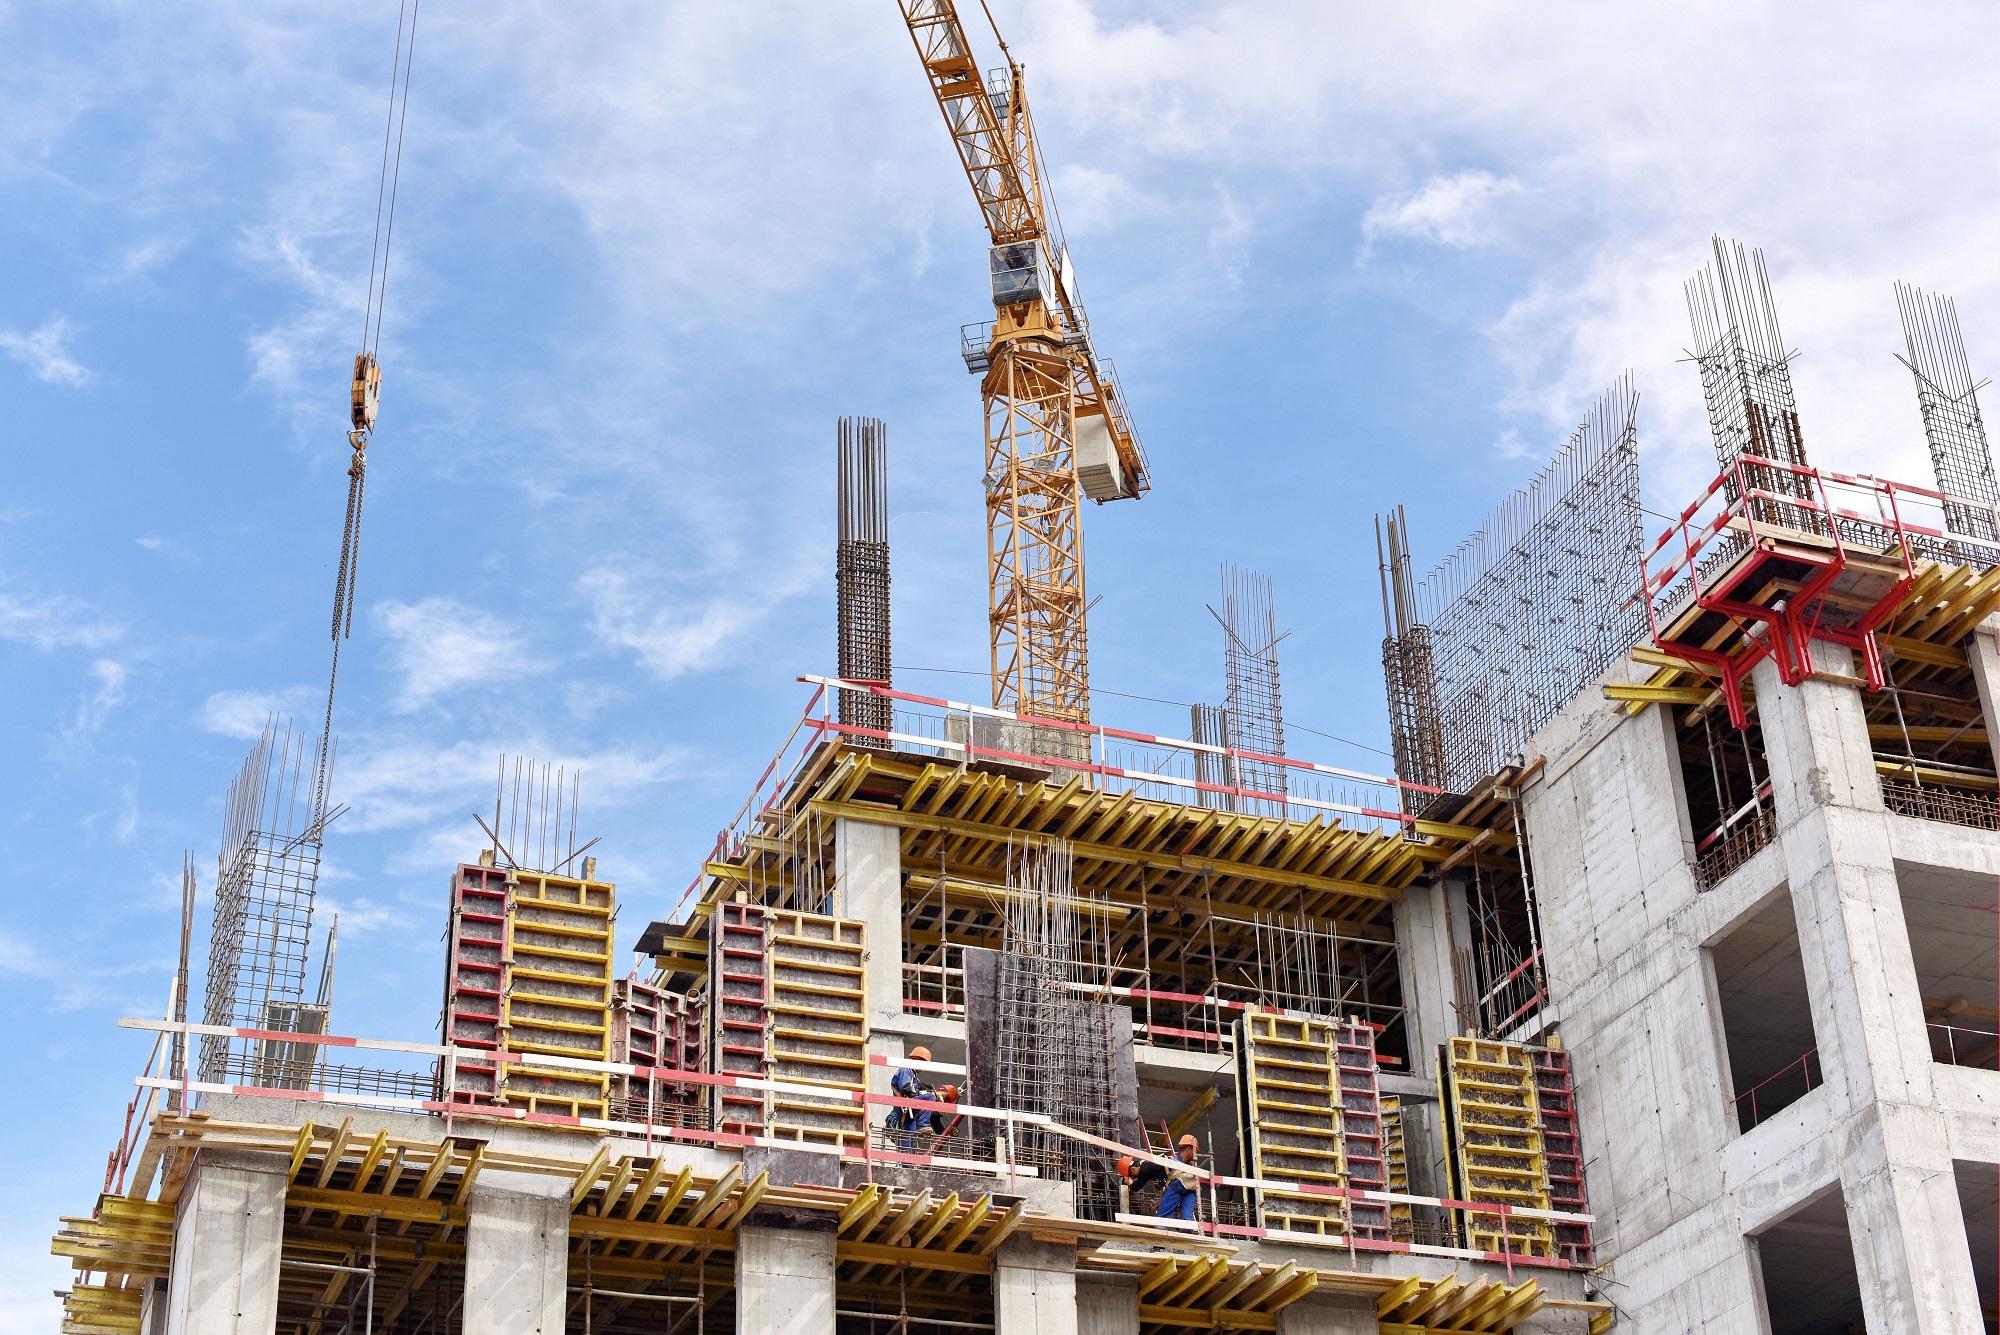 Les ventes de logements neufs toujours au top en Île-de-France